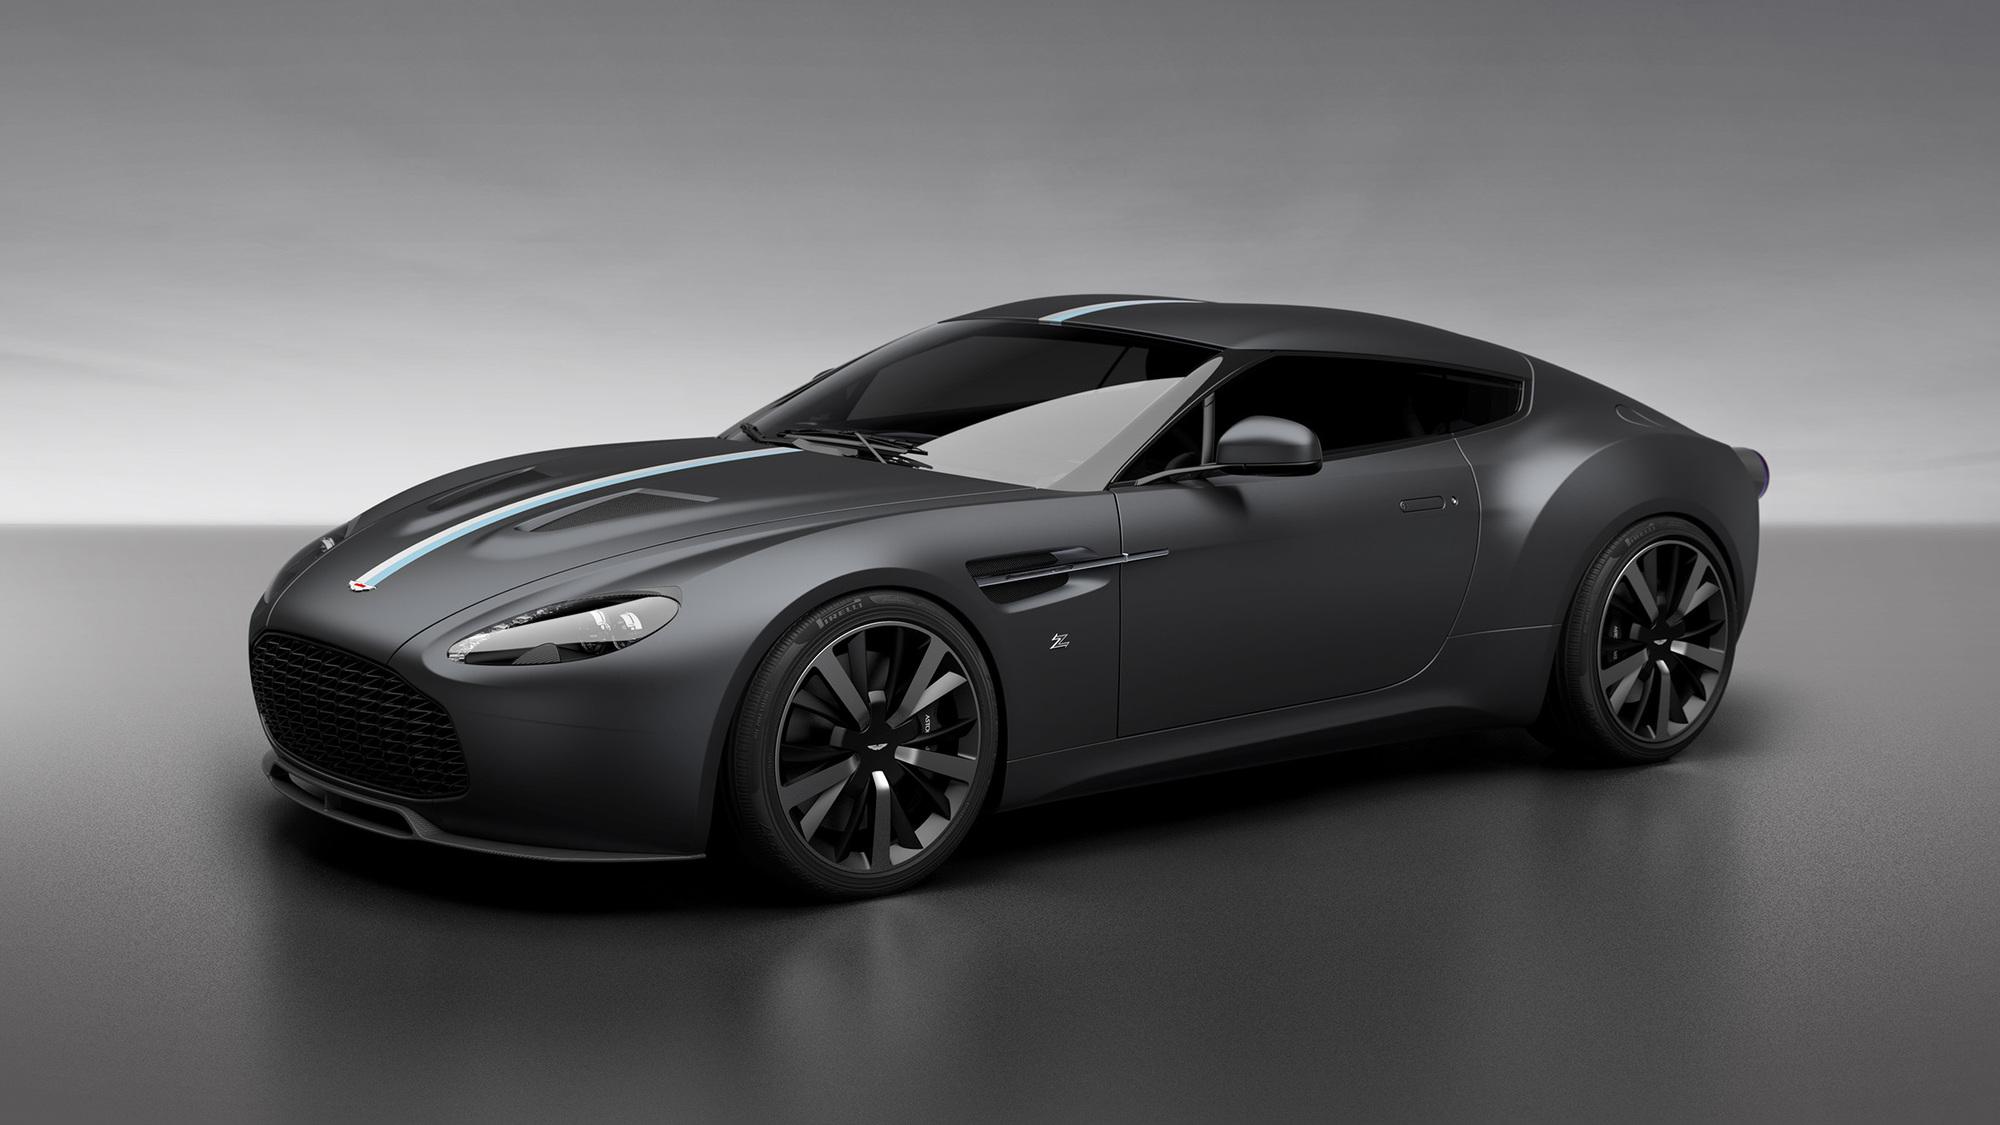 Aston Martin Vantage V12 Zagato by R-Reforged